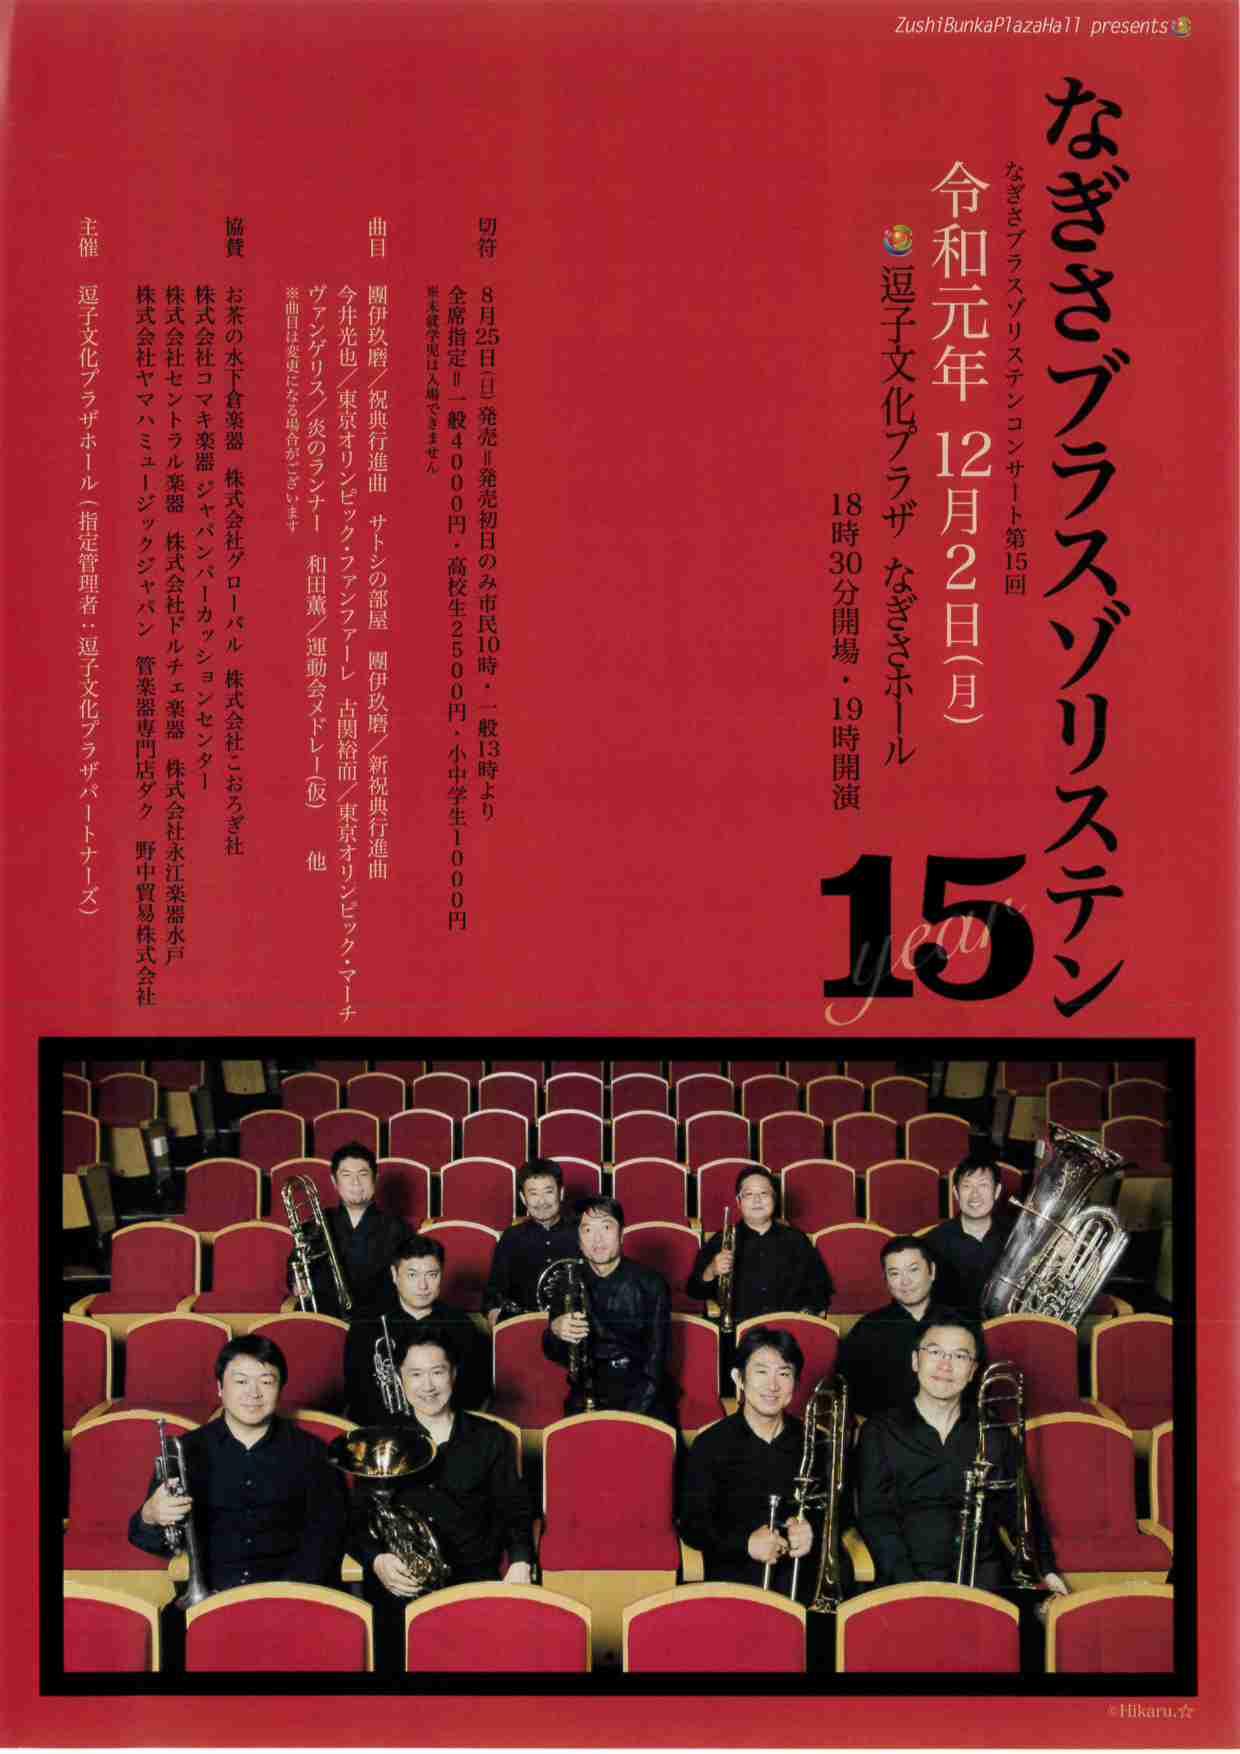 第15回 なぎさブラスゾリステン コンサート